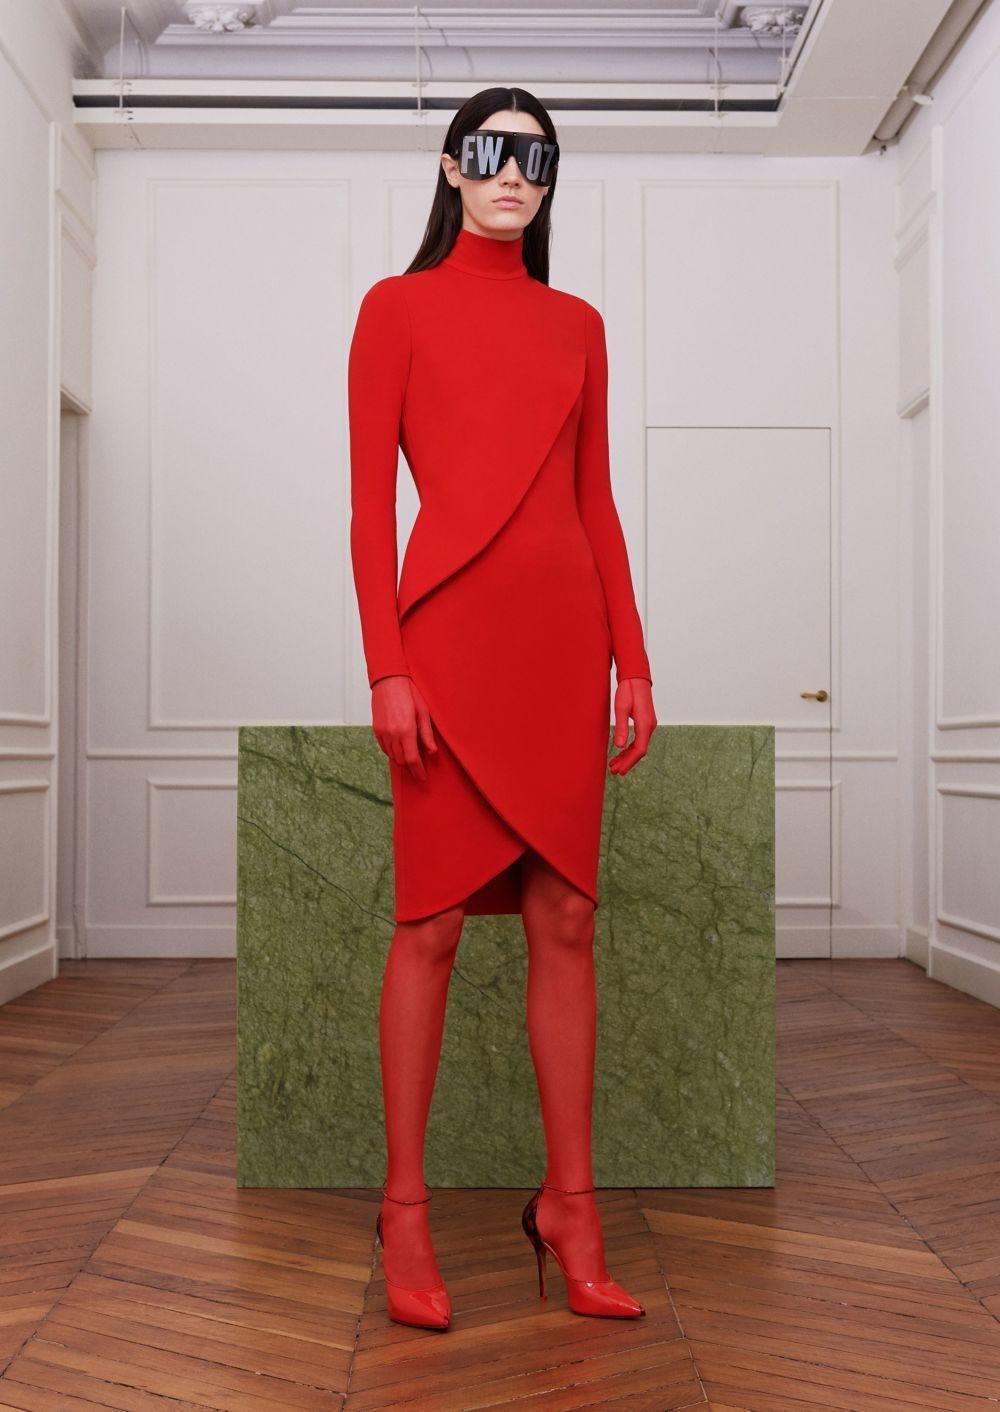 красное платье красные туфли